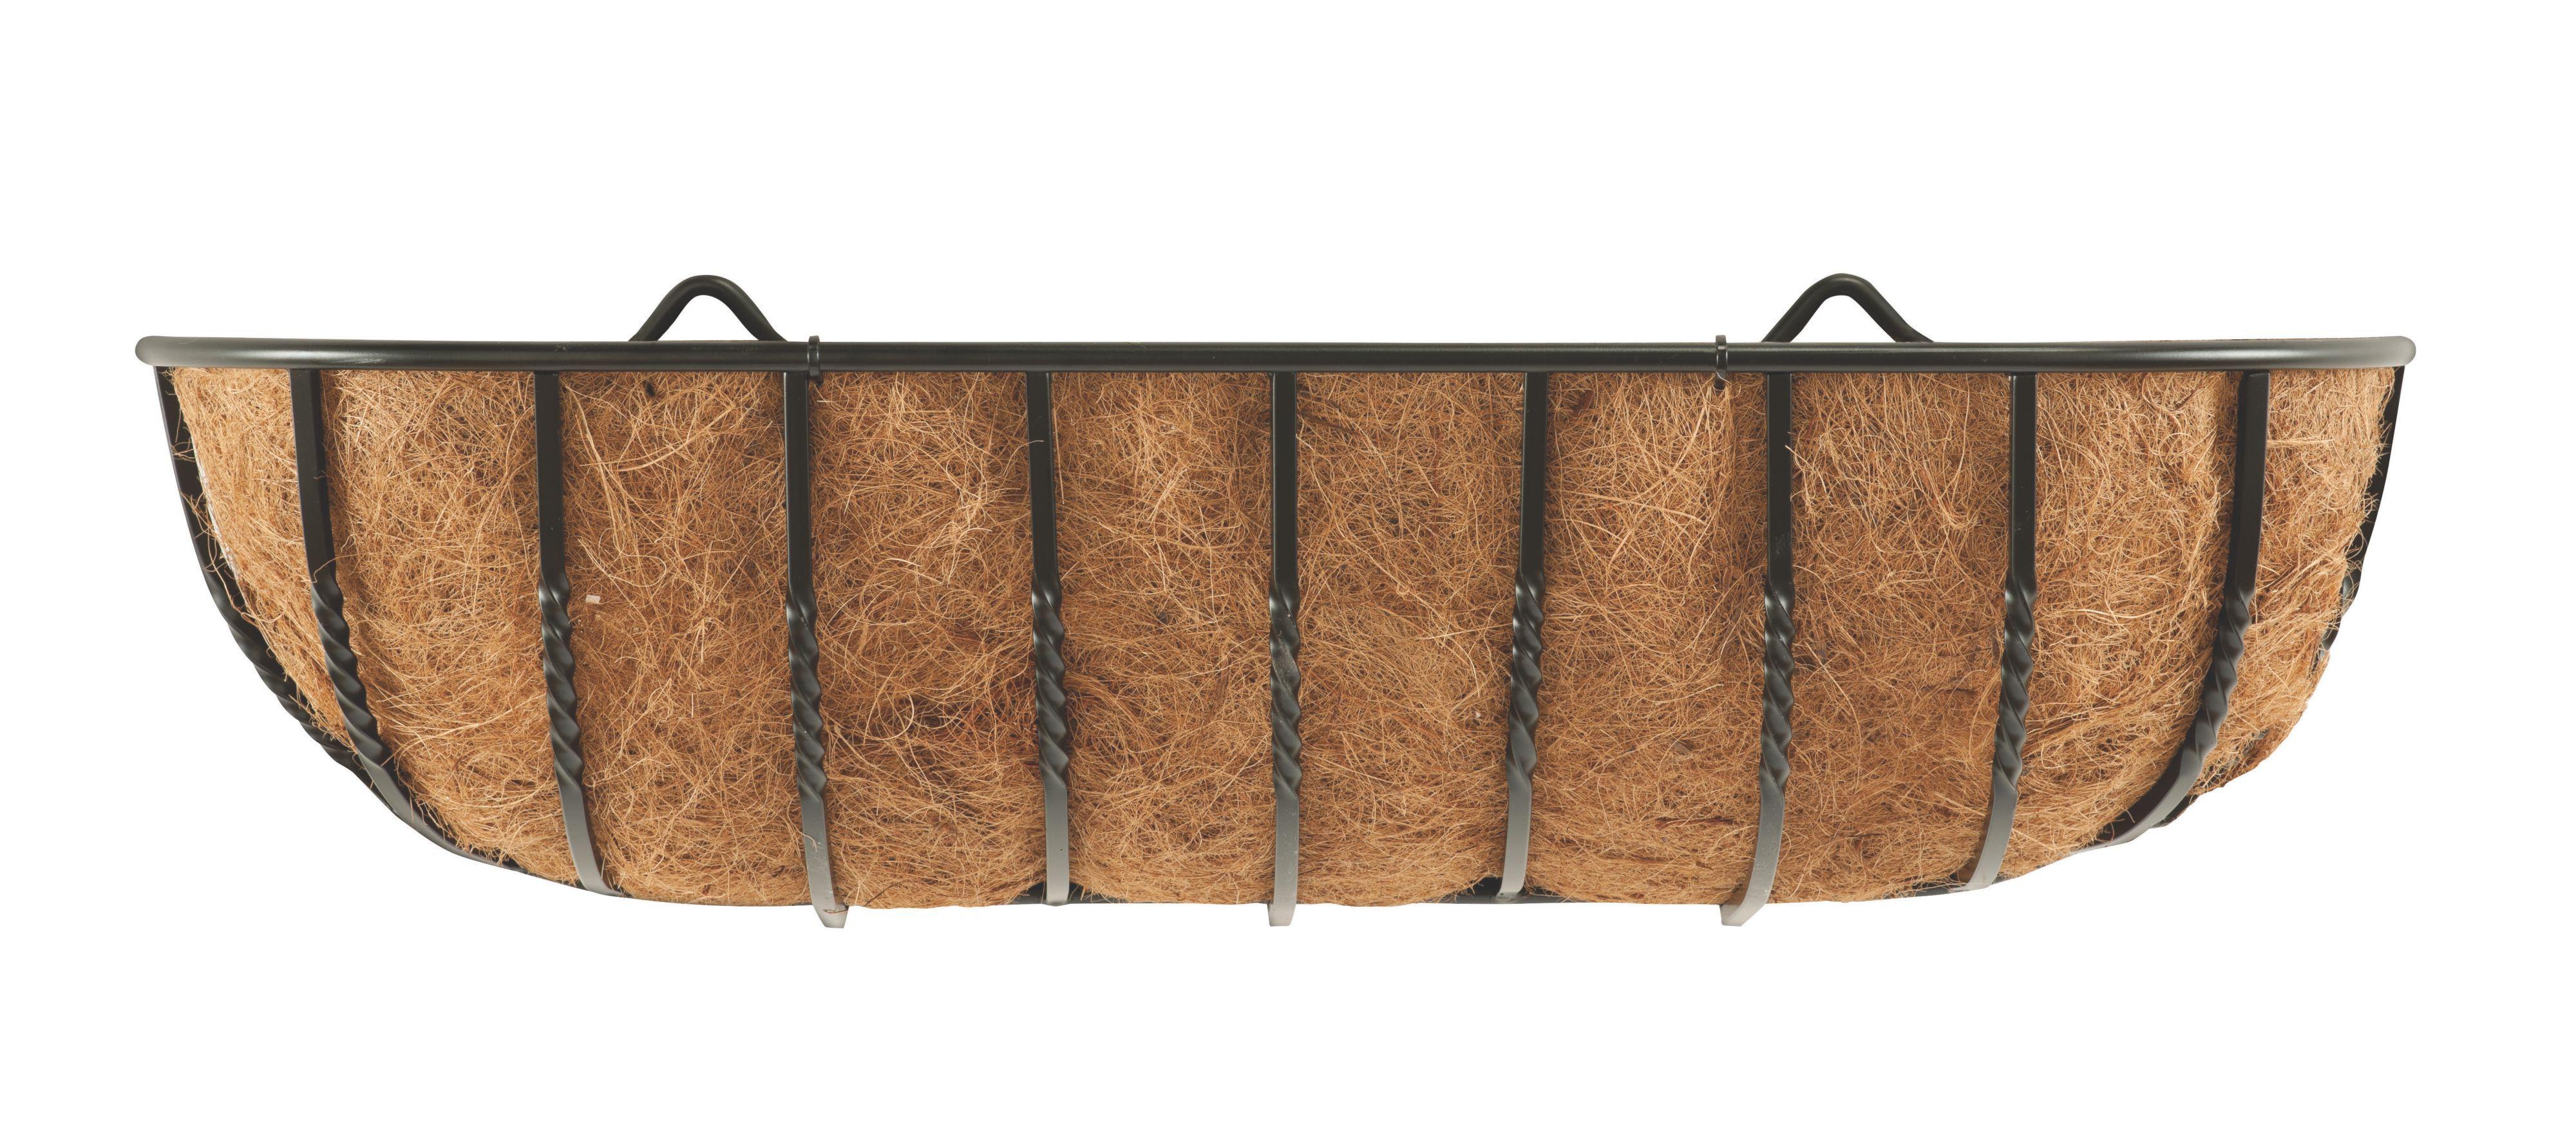 Gardman Wrought Iron Hanging Basket Departments Diy At B Amp Q